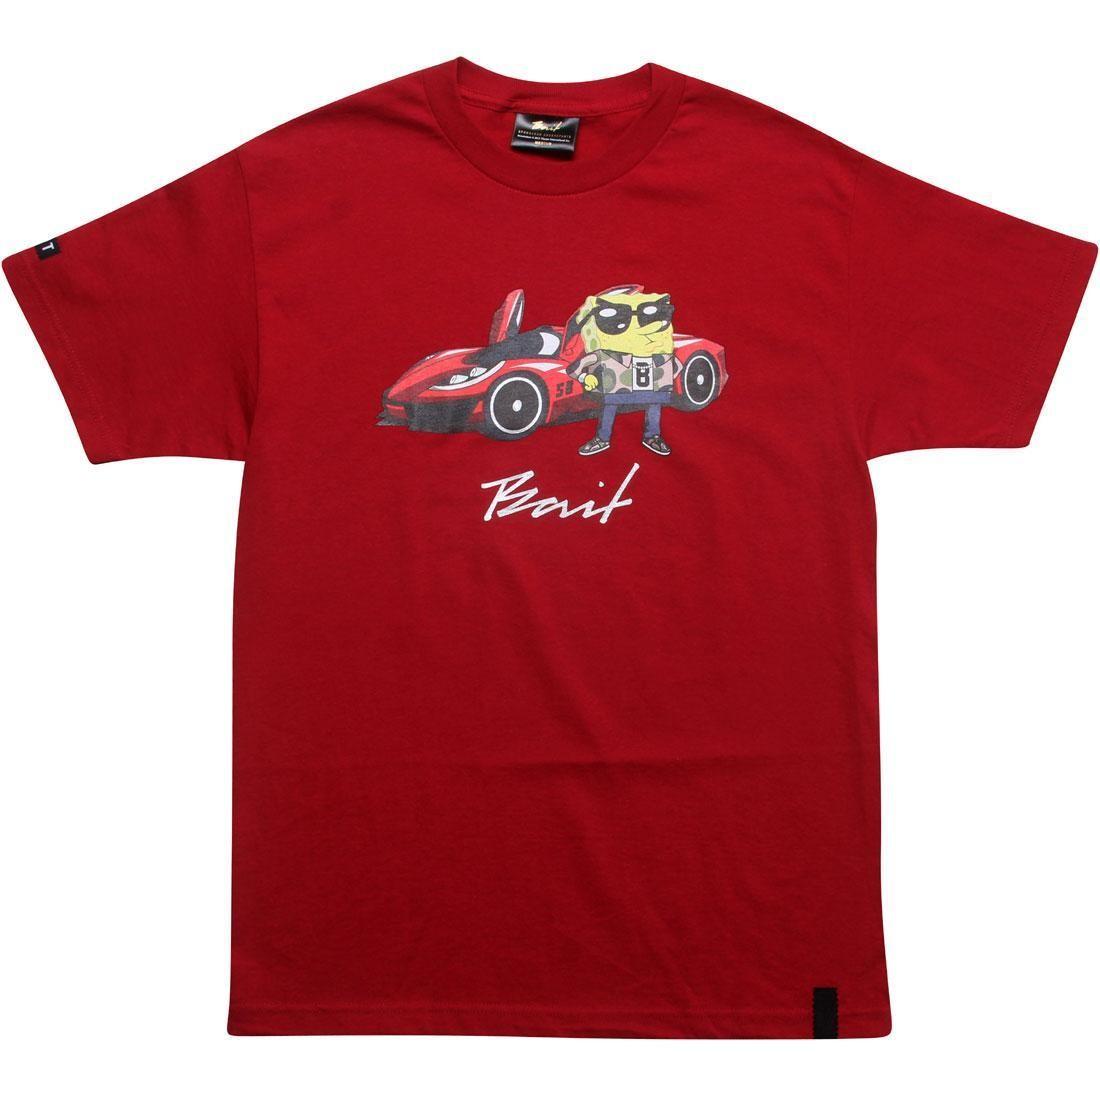 【海外限定】Tシャツ メンズファッション トップス 【 BAIT X SPONGEBOB SQUAREPANTS TEE CARDINAL RED 】